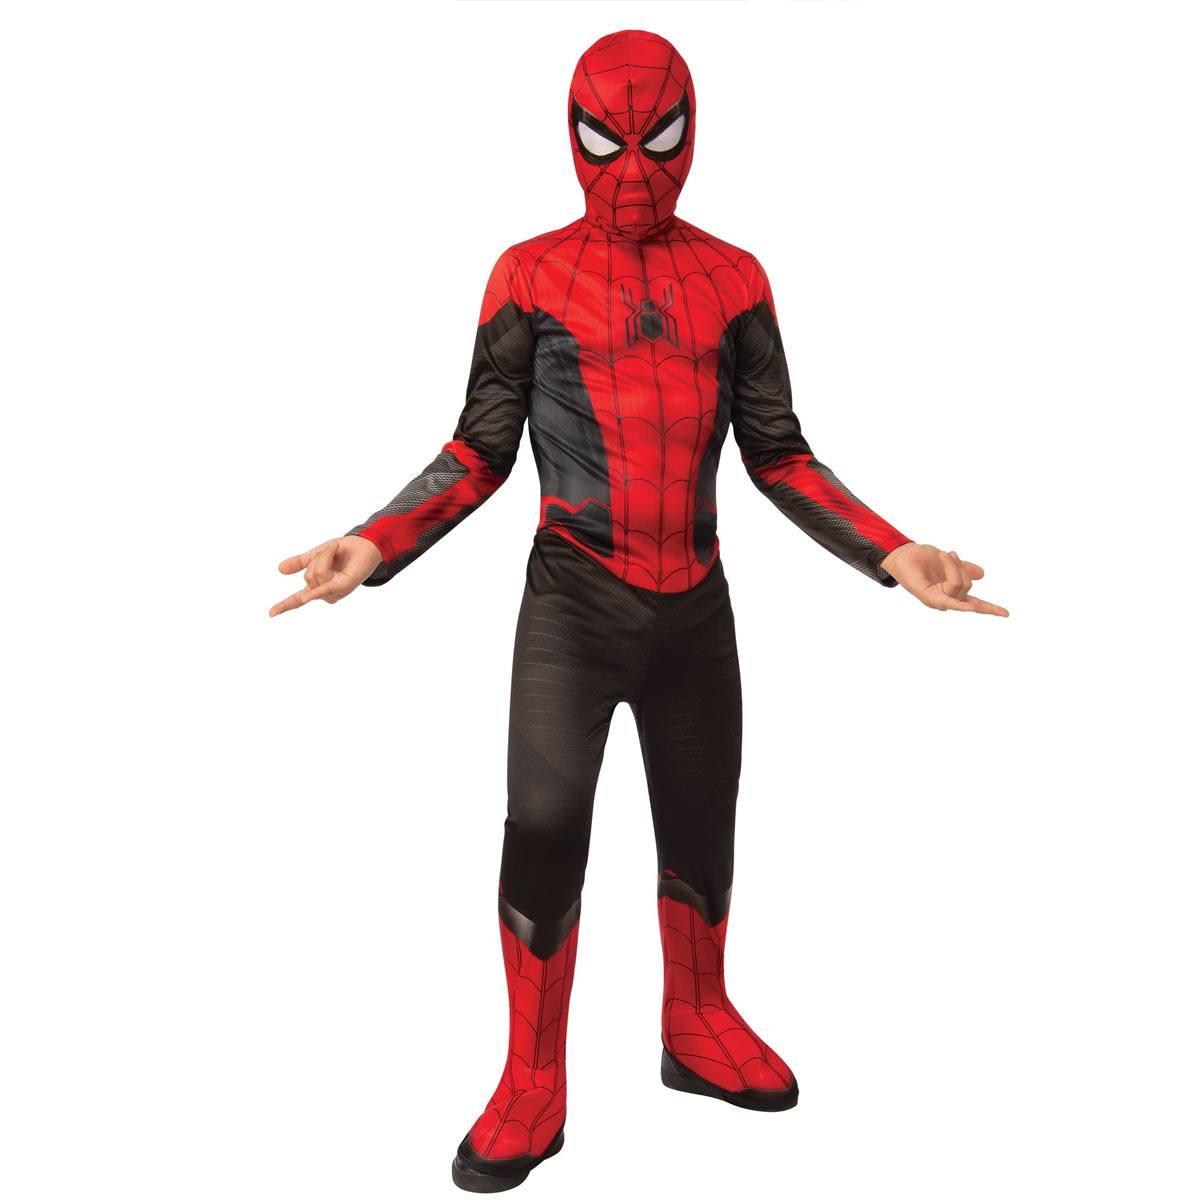 スパイダーマン ブラック スーツ コスプレ コスチューム ハロウィン Holloween Spider-Man